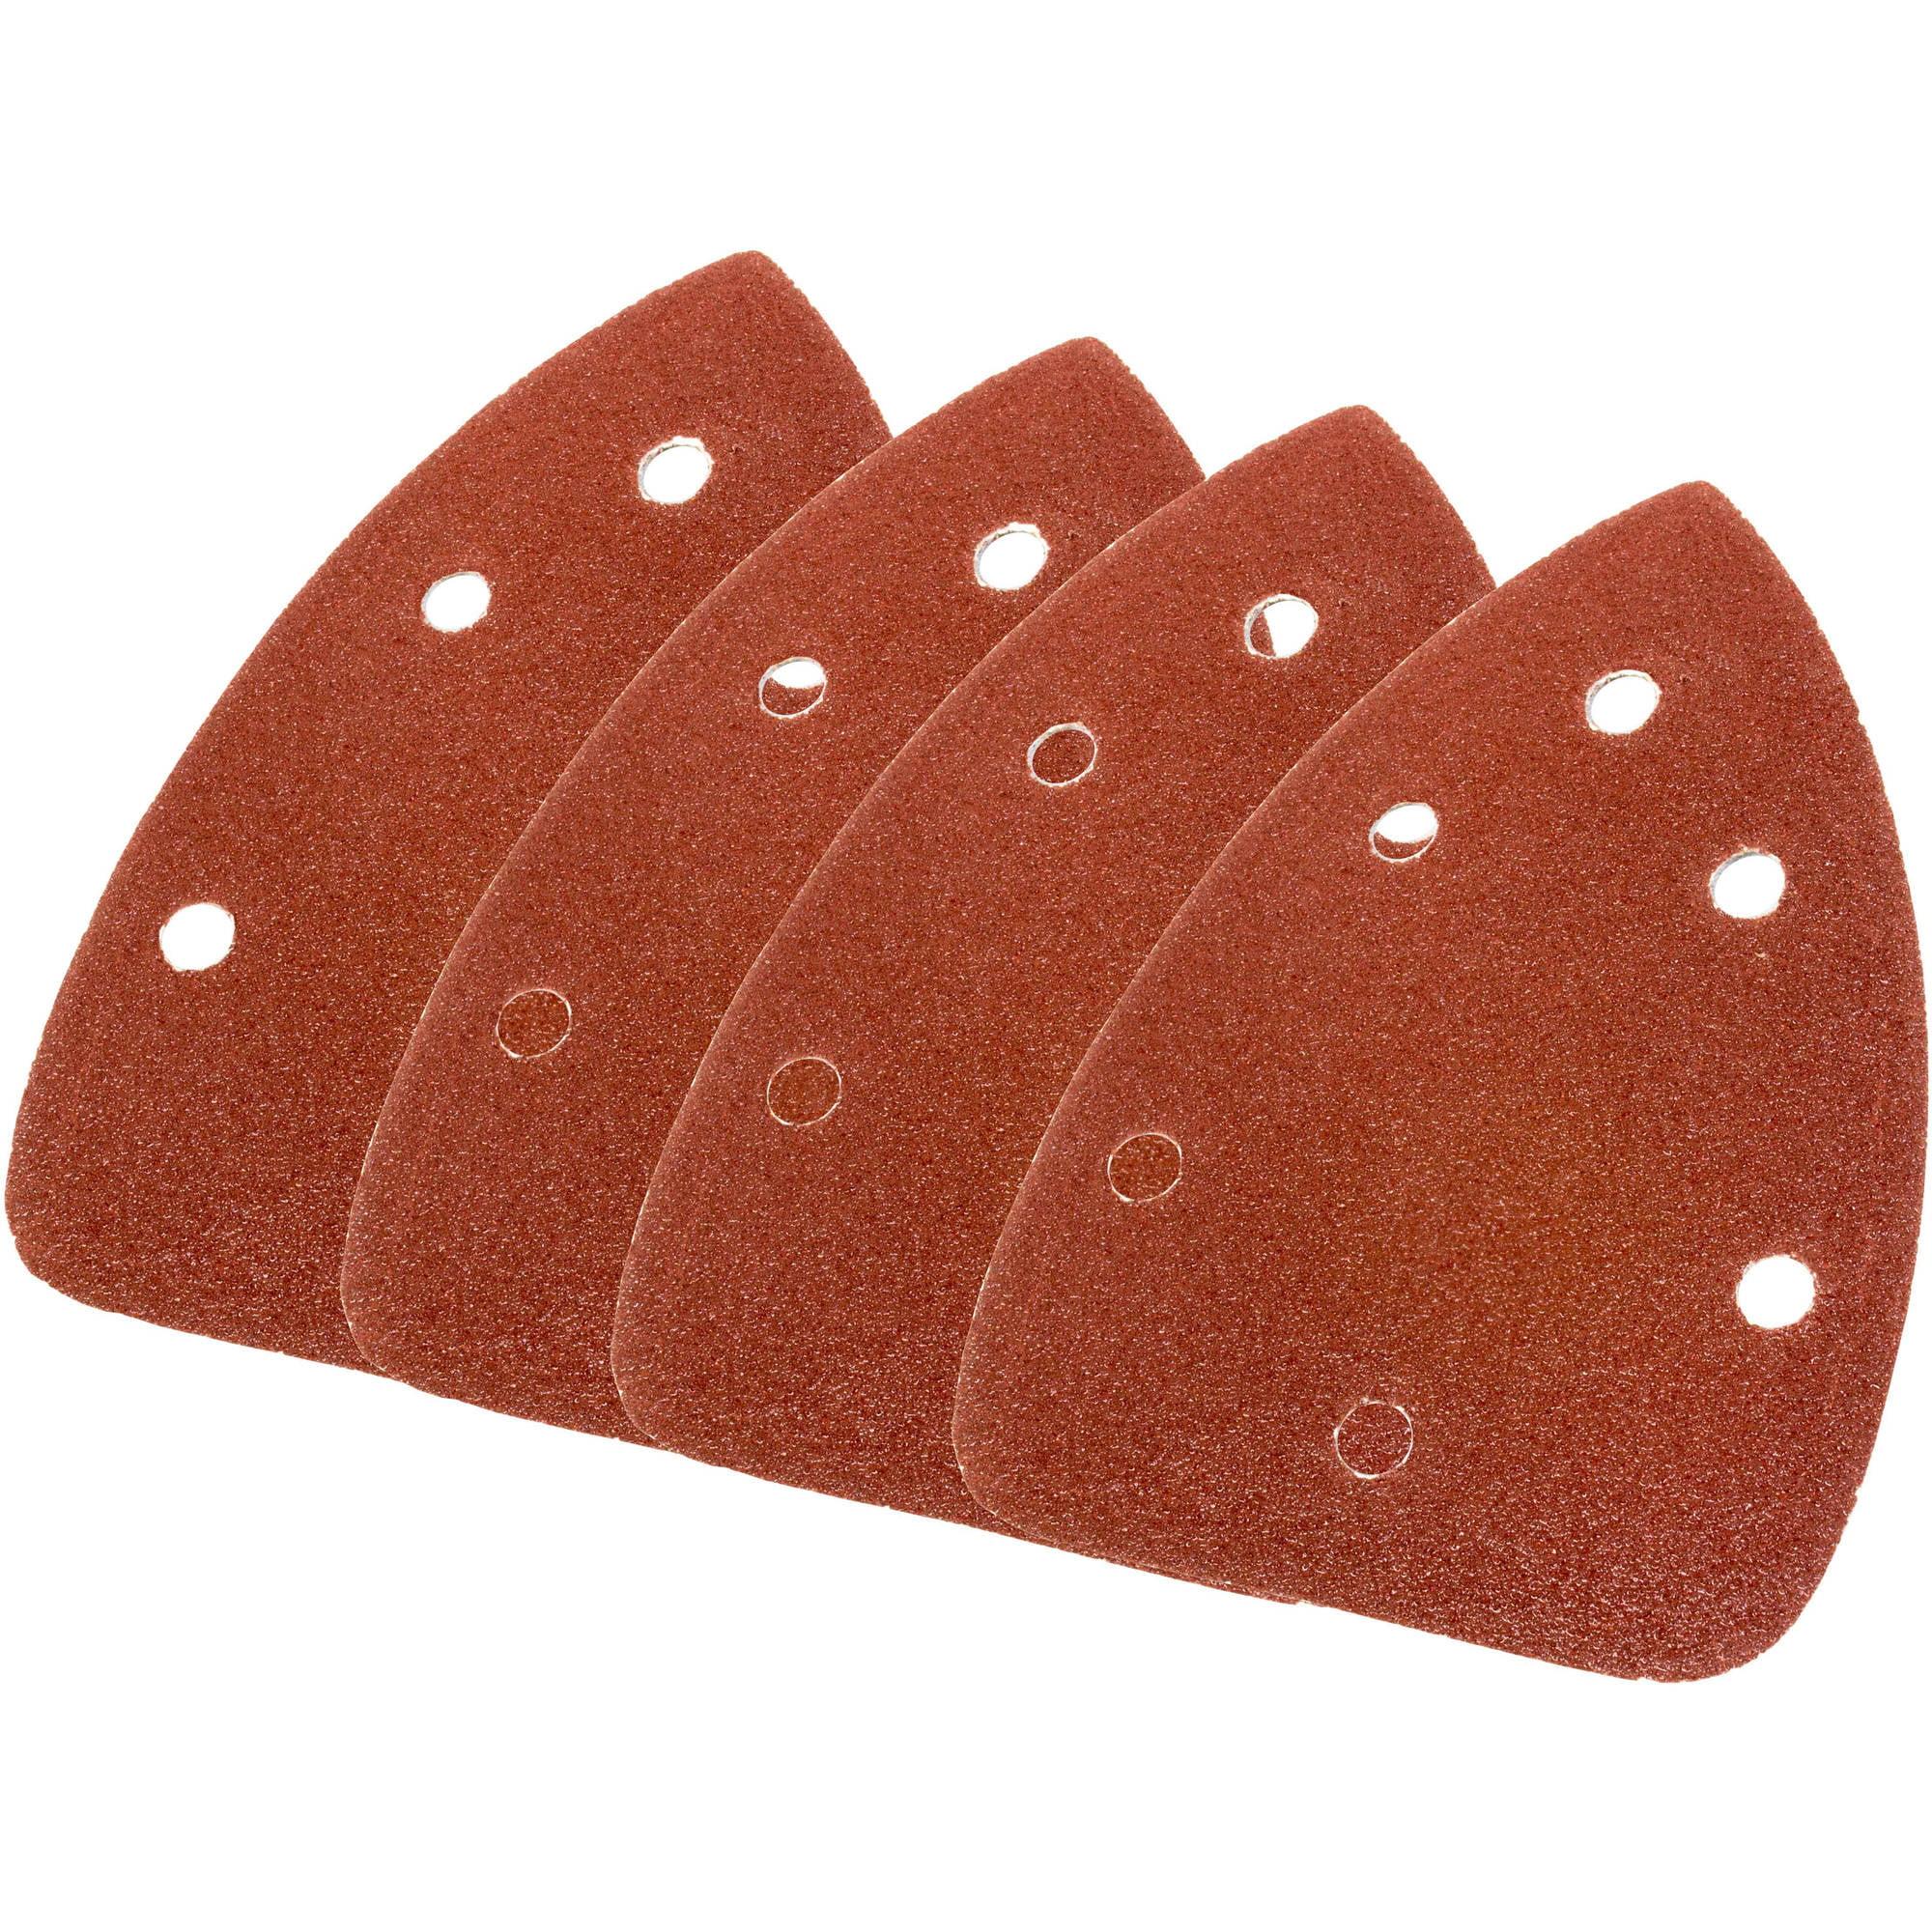 12 Disc Sander Backing Plate